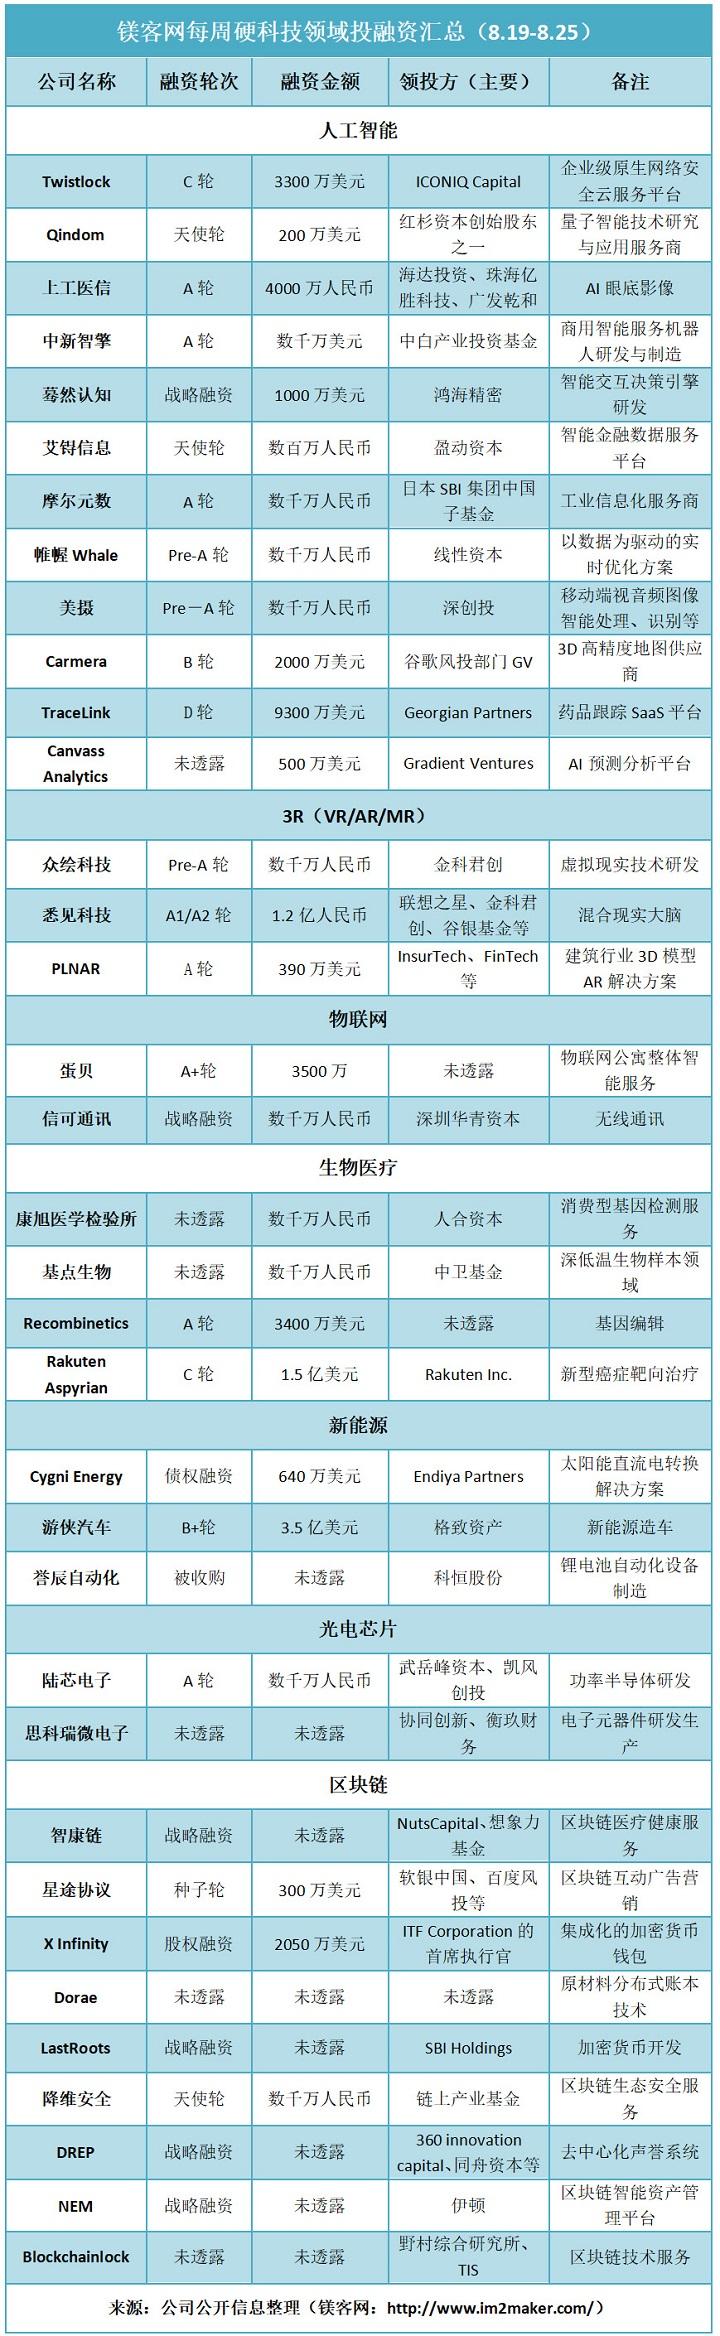 镁客网每周硬科技领域投融资汇总(8.19-8.25),游侠汽车获得B+轮融资